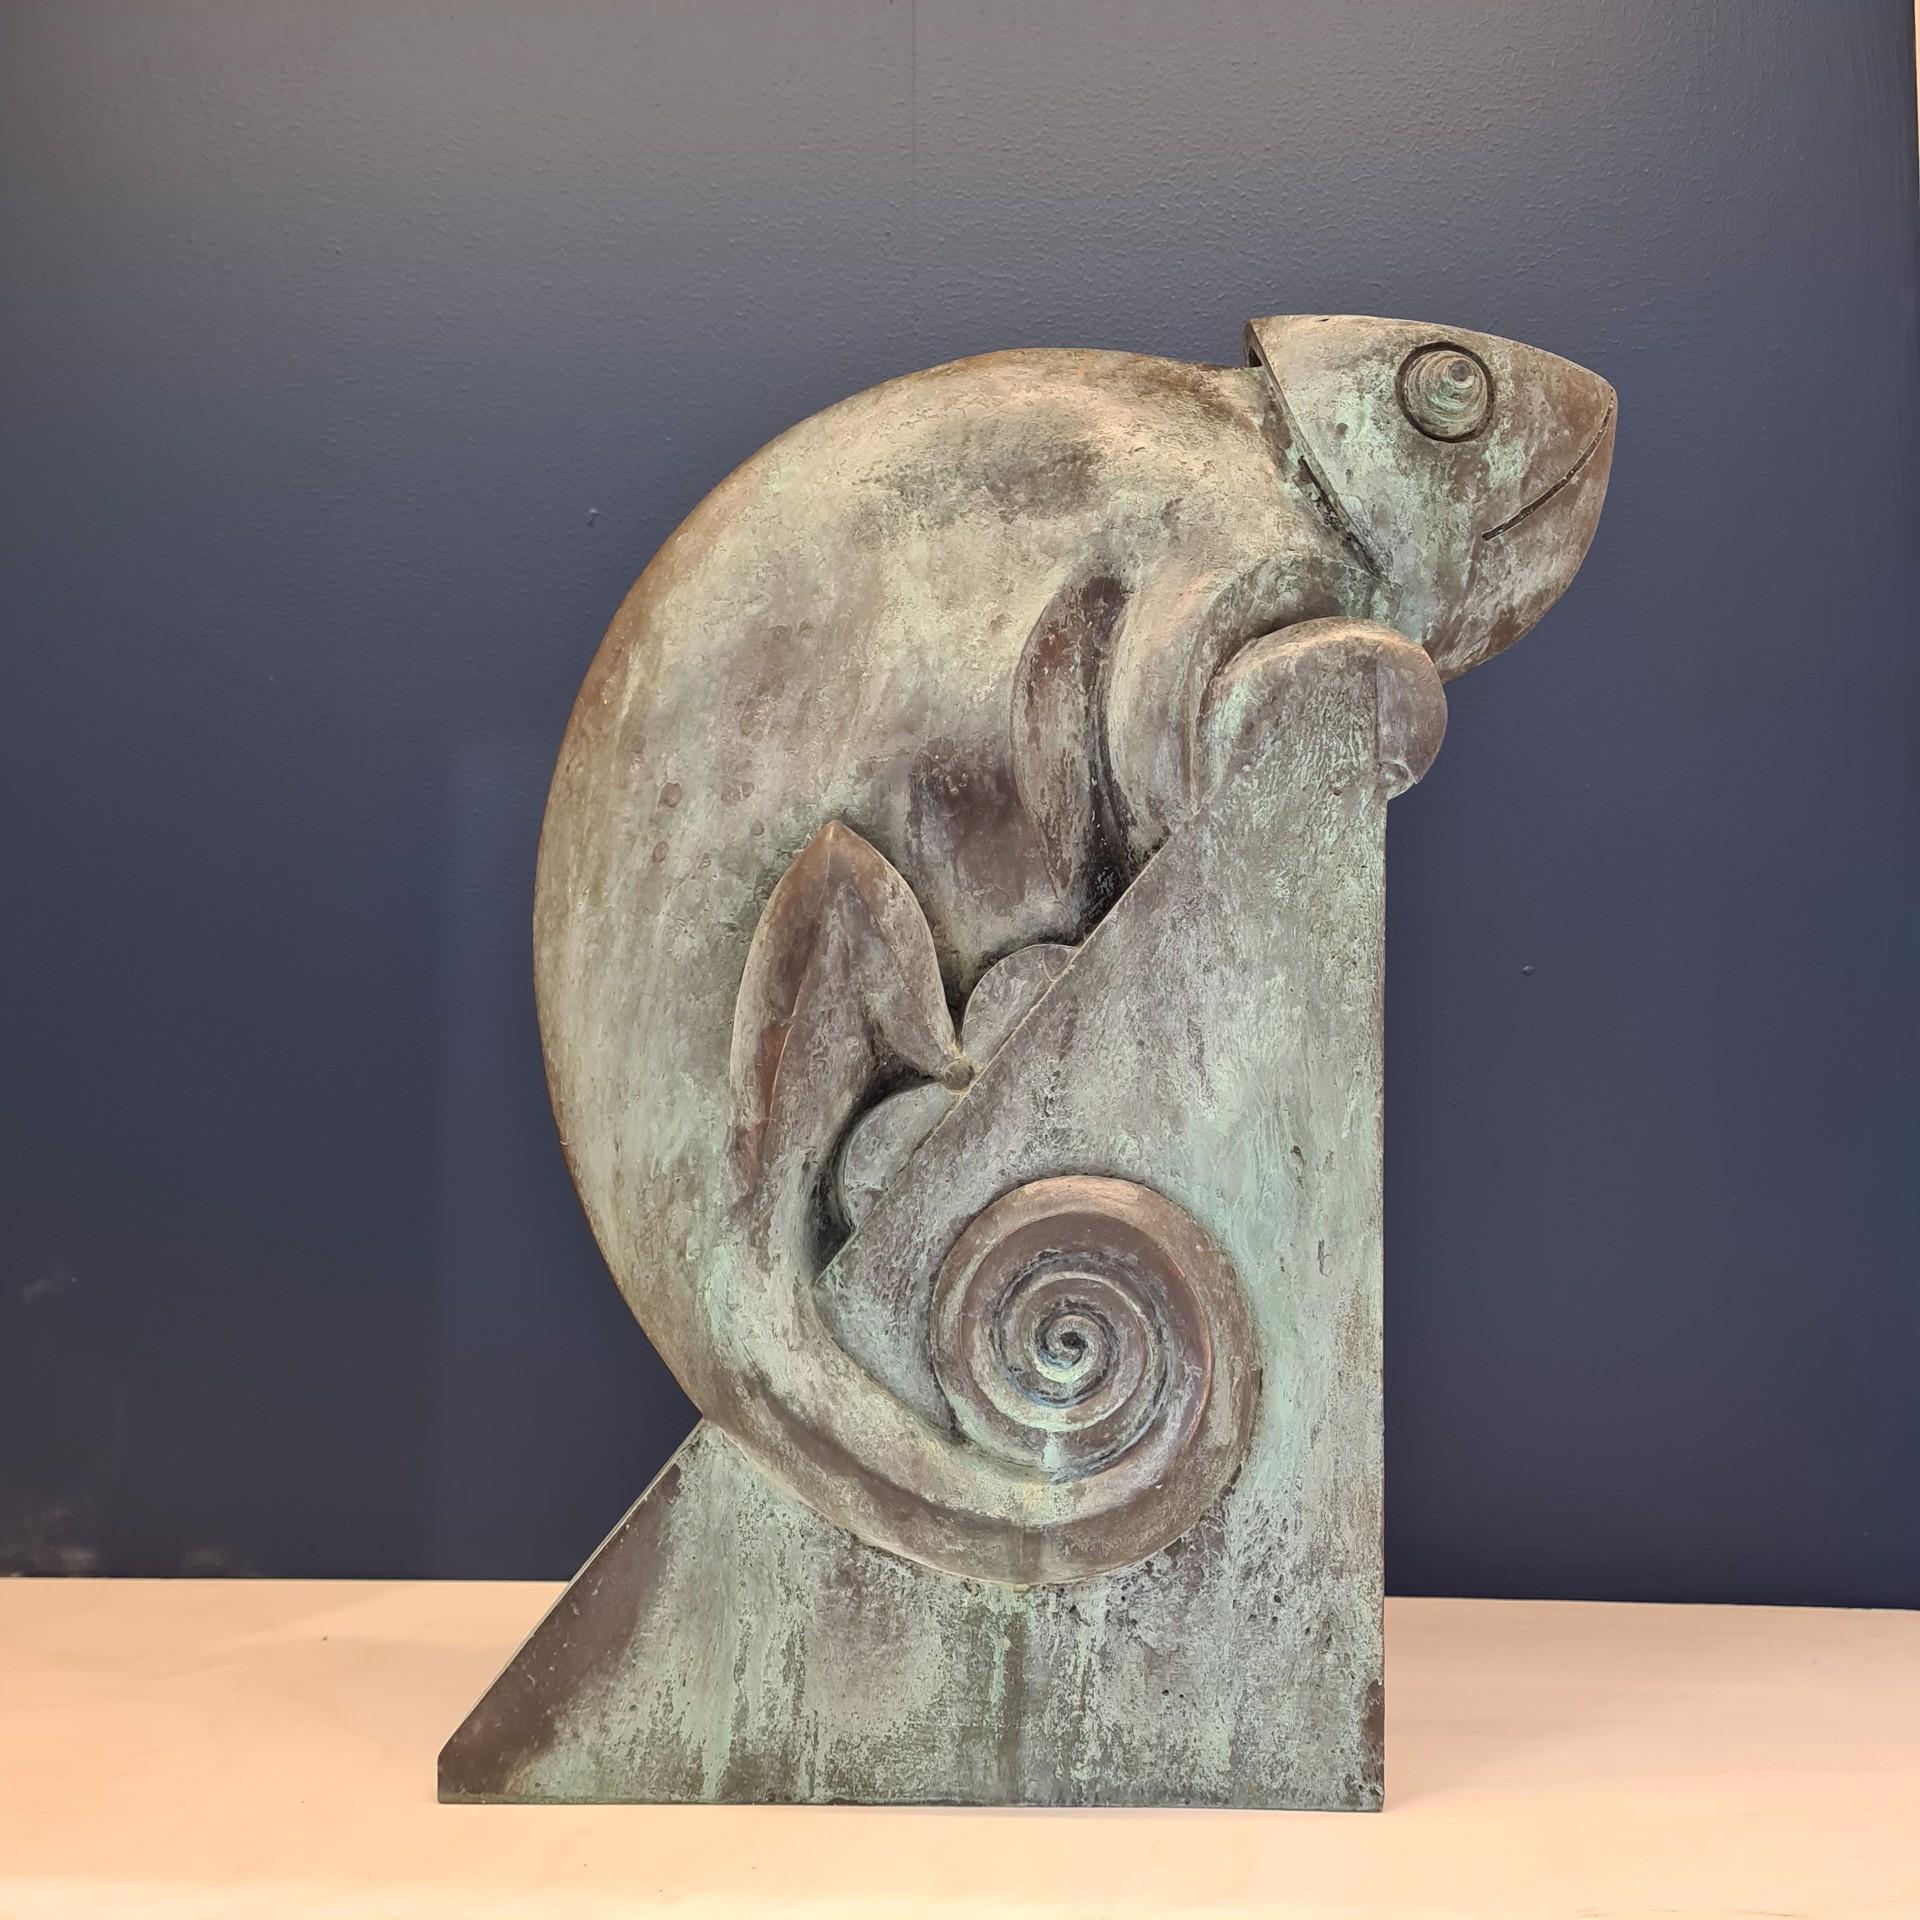 Chameleon  by Paul Harvey